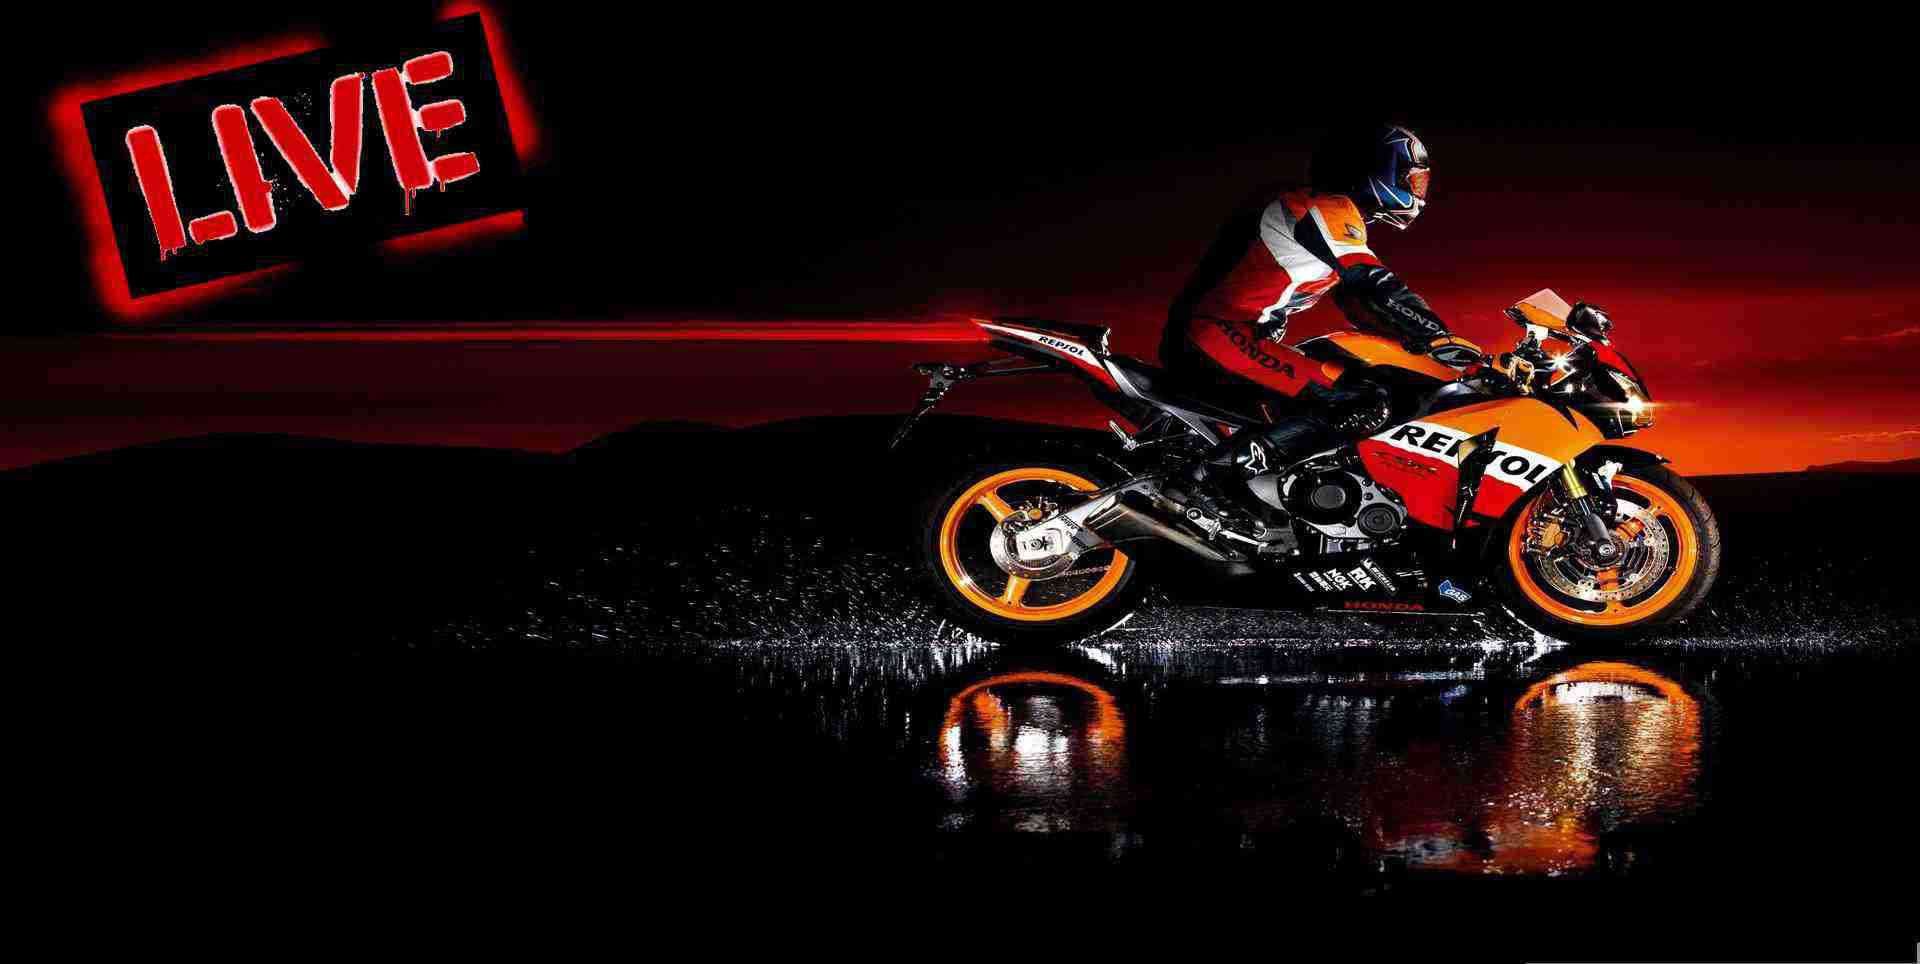 Watch Shell Advance Malaysian Motorcycle Grand Prix 2014 Online